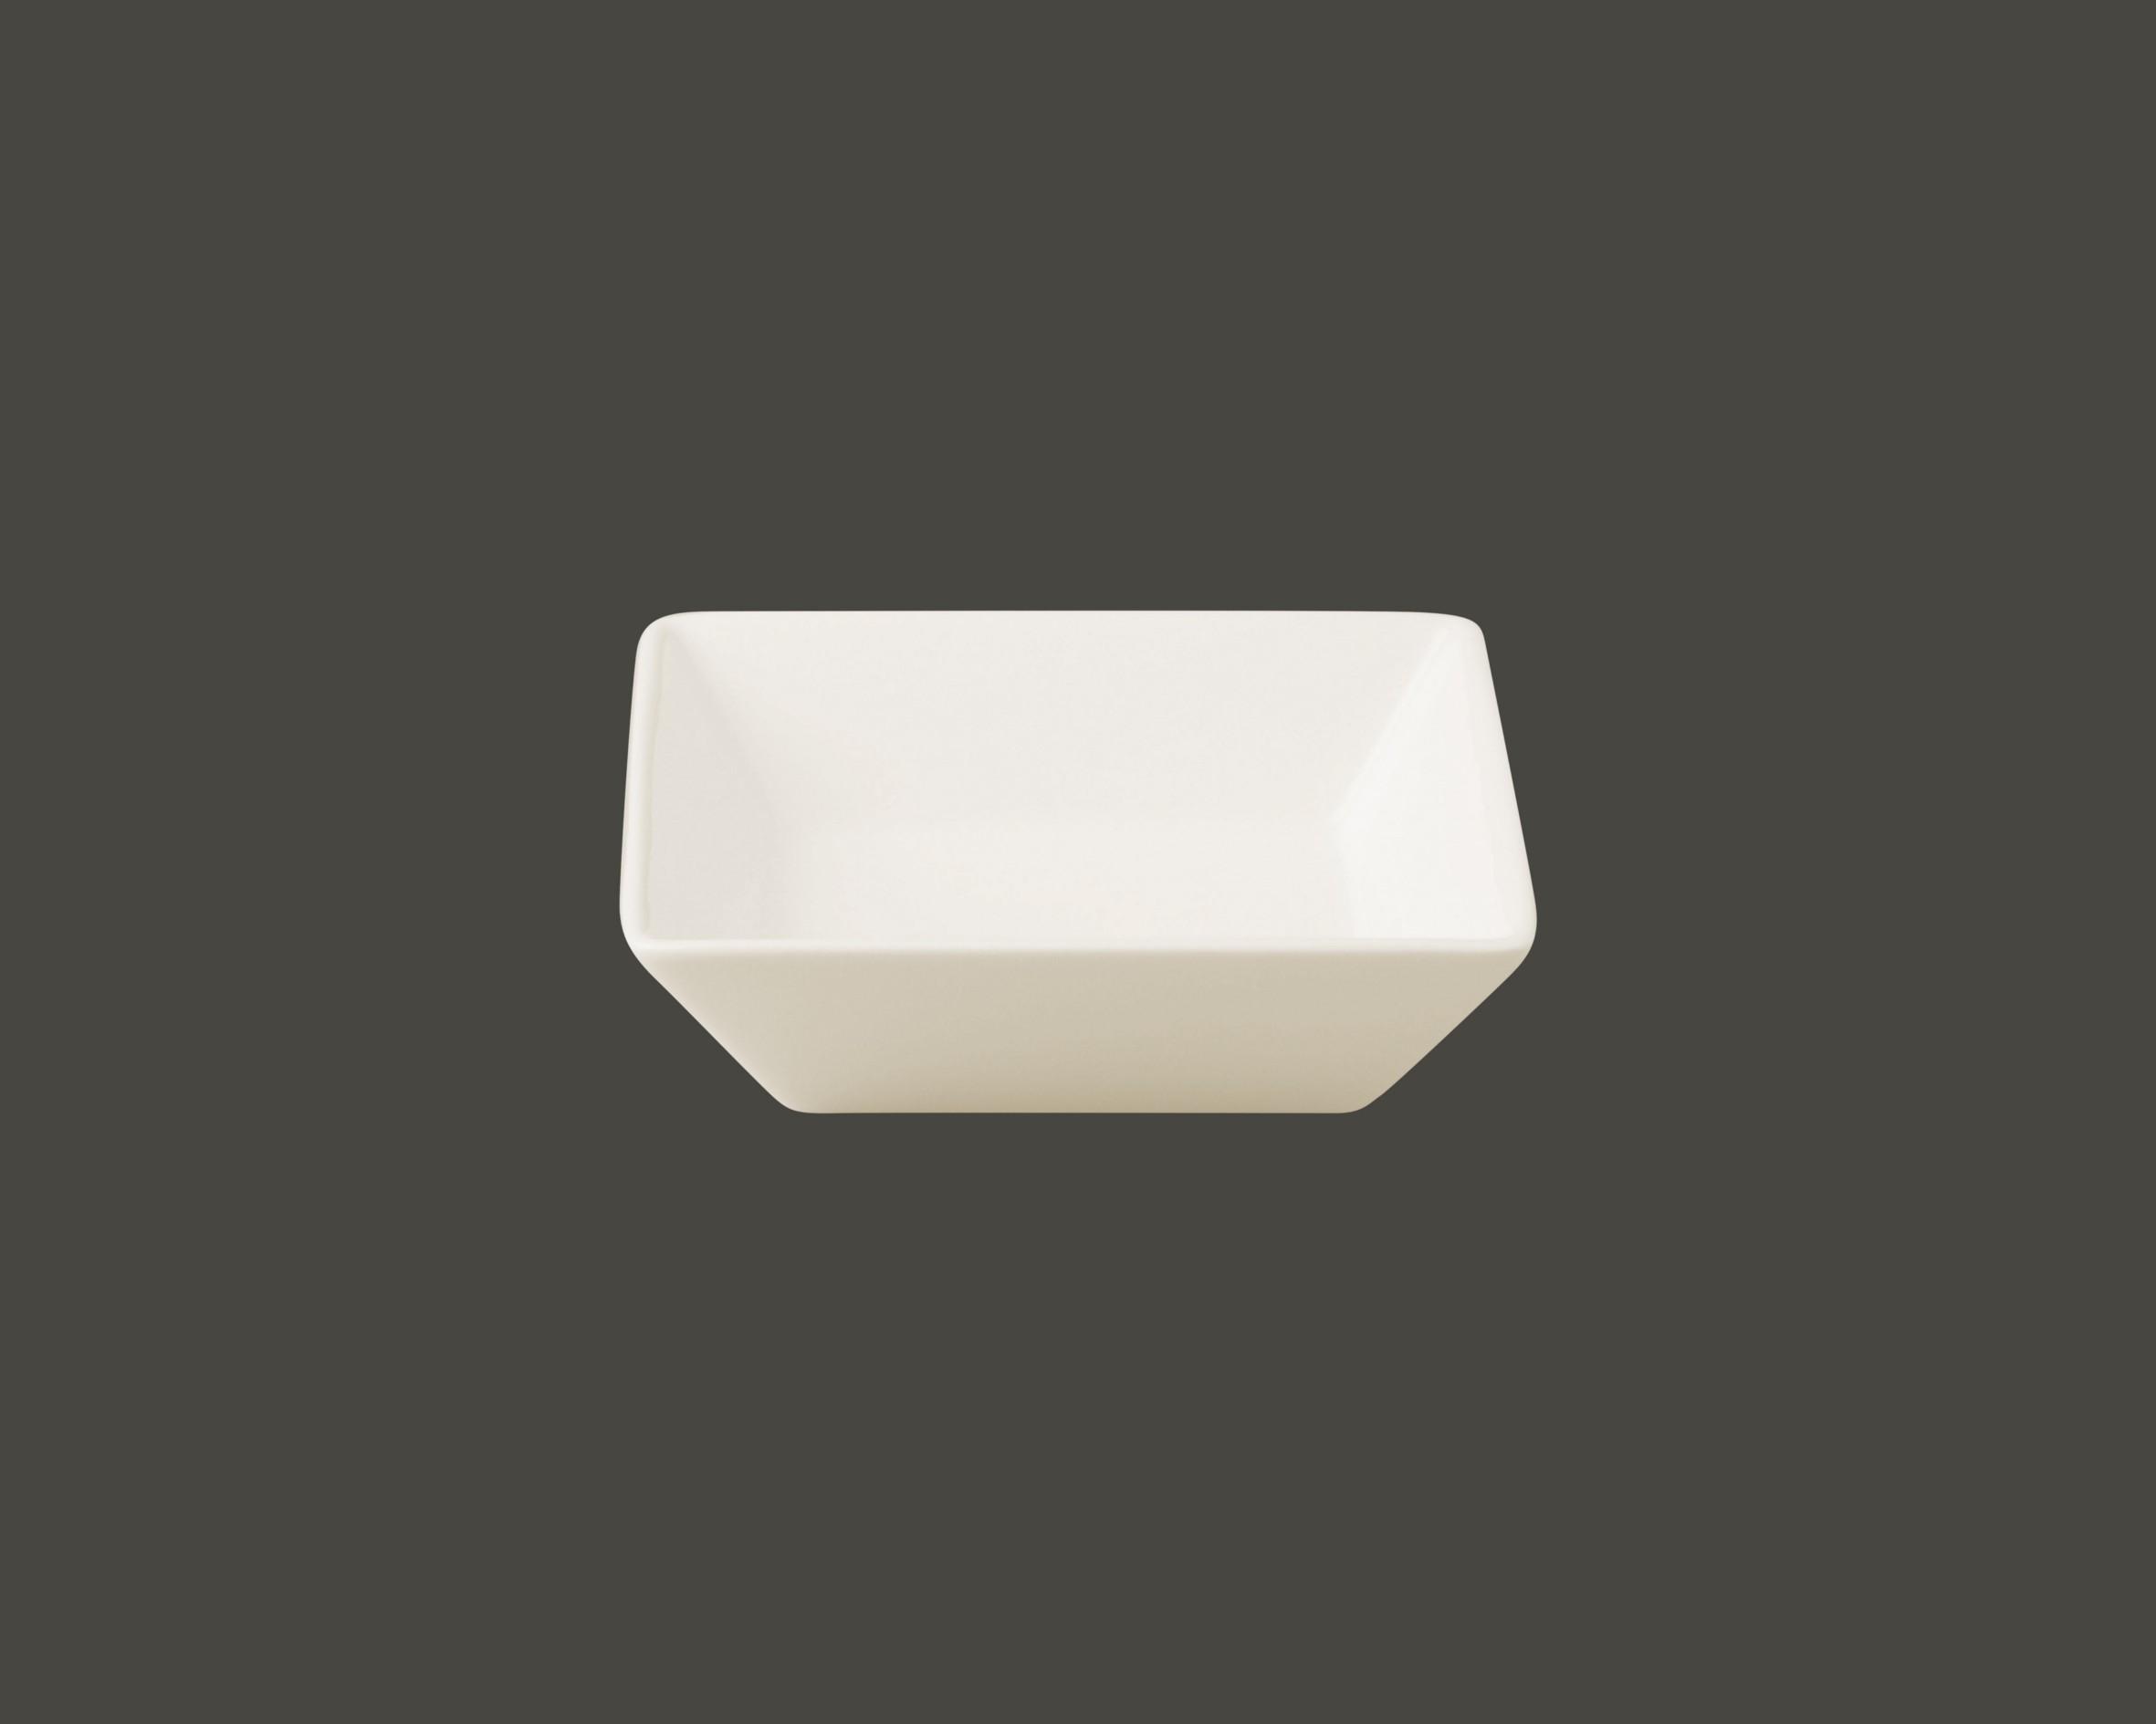 Čtvercový talíř Minimax